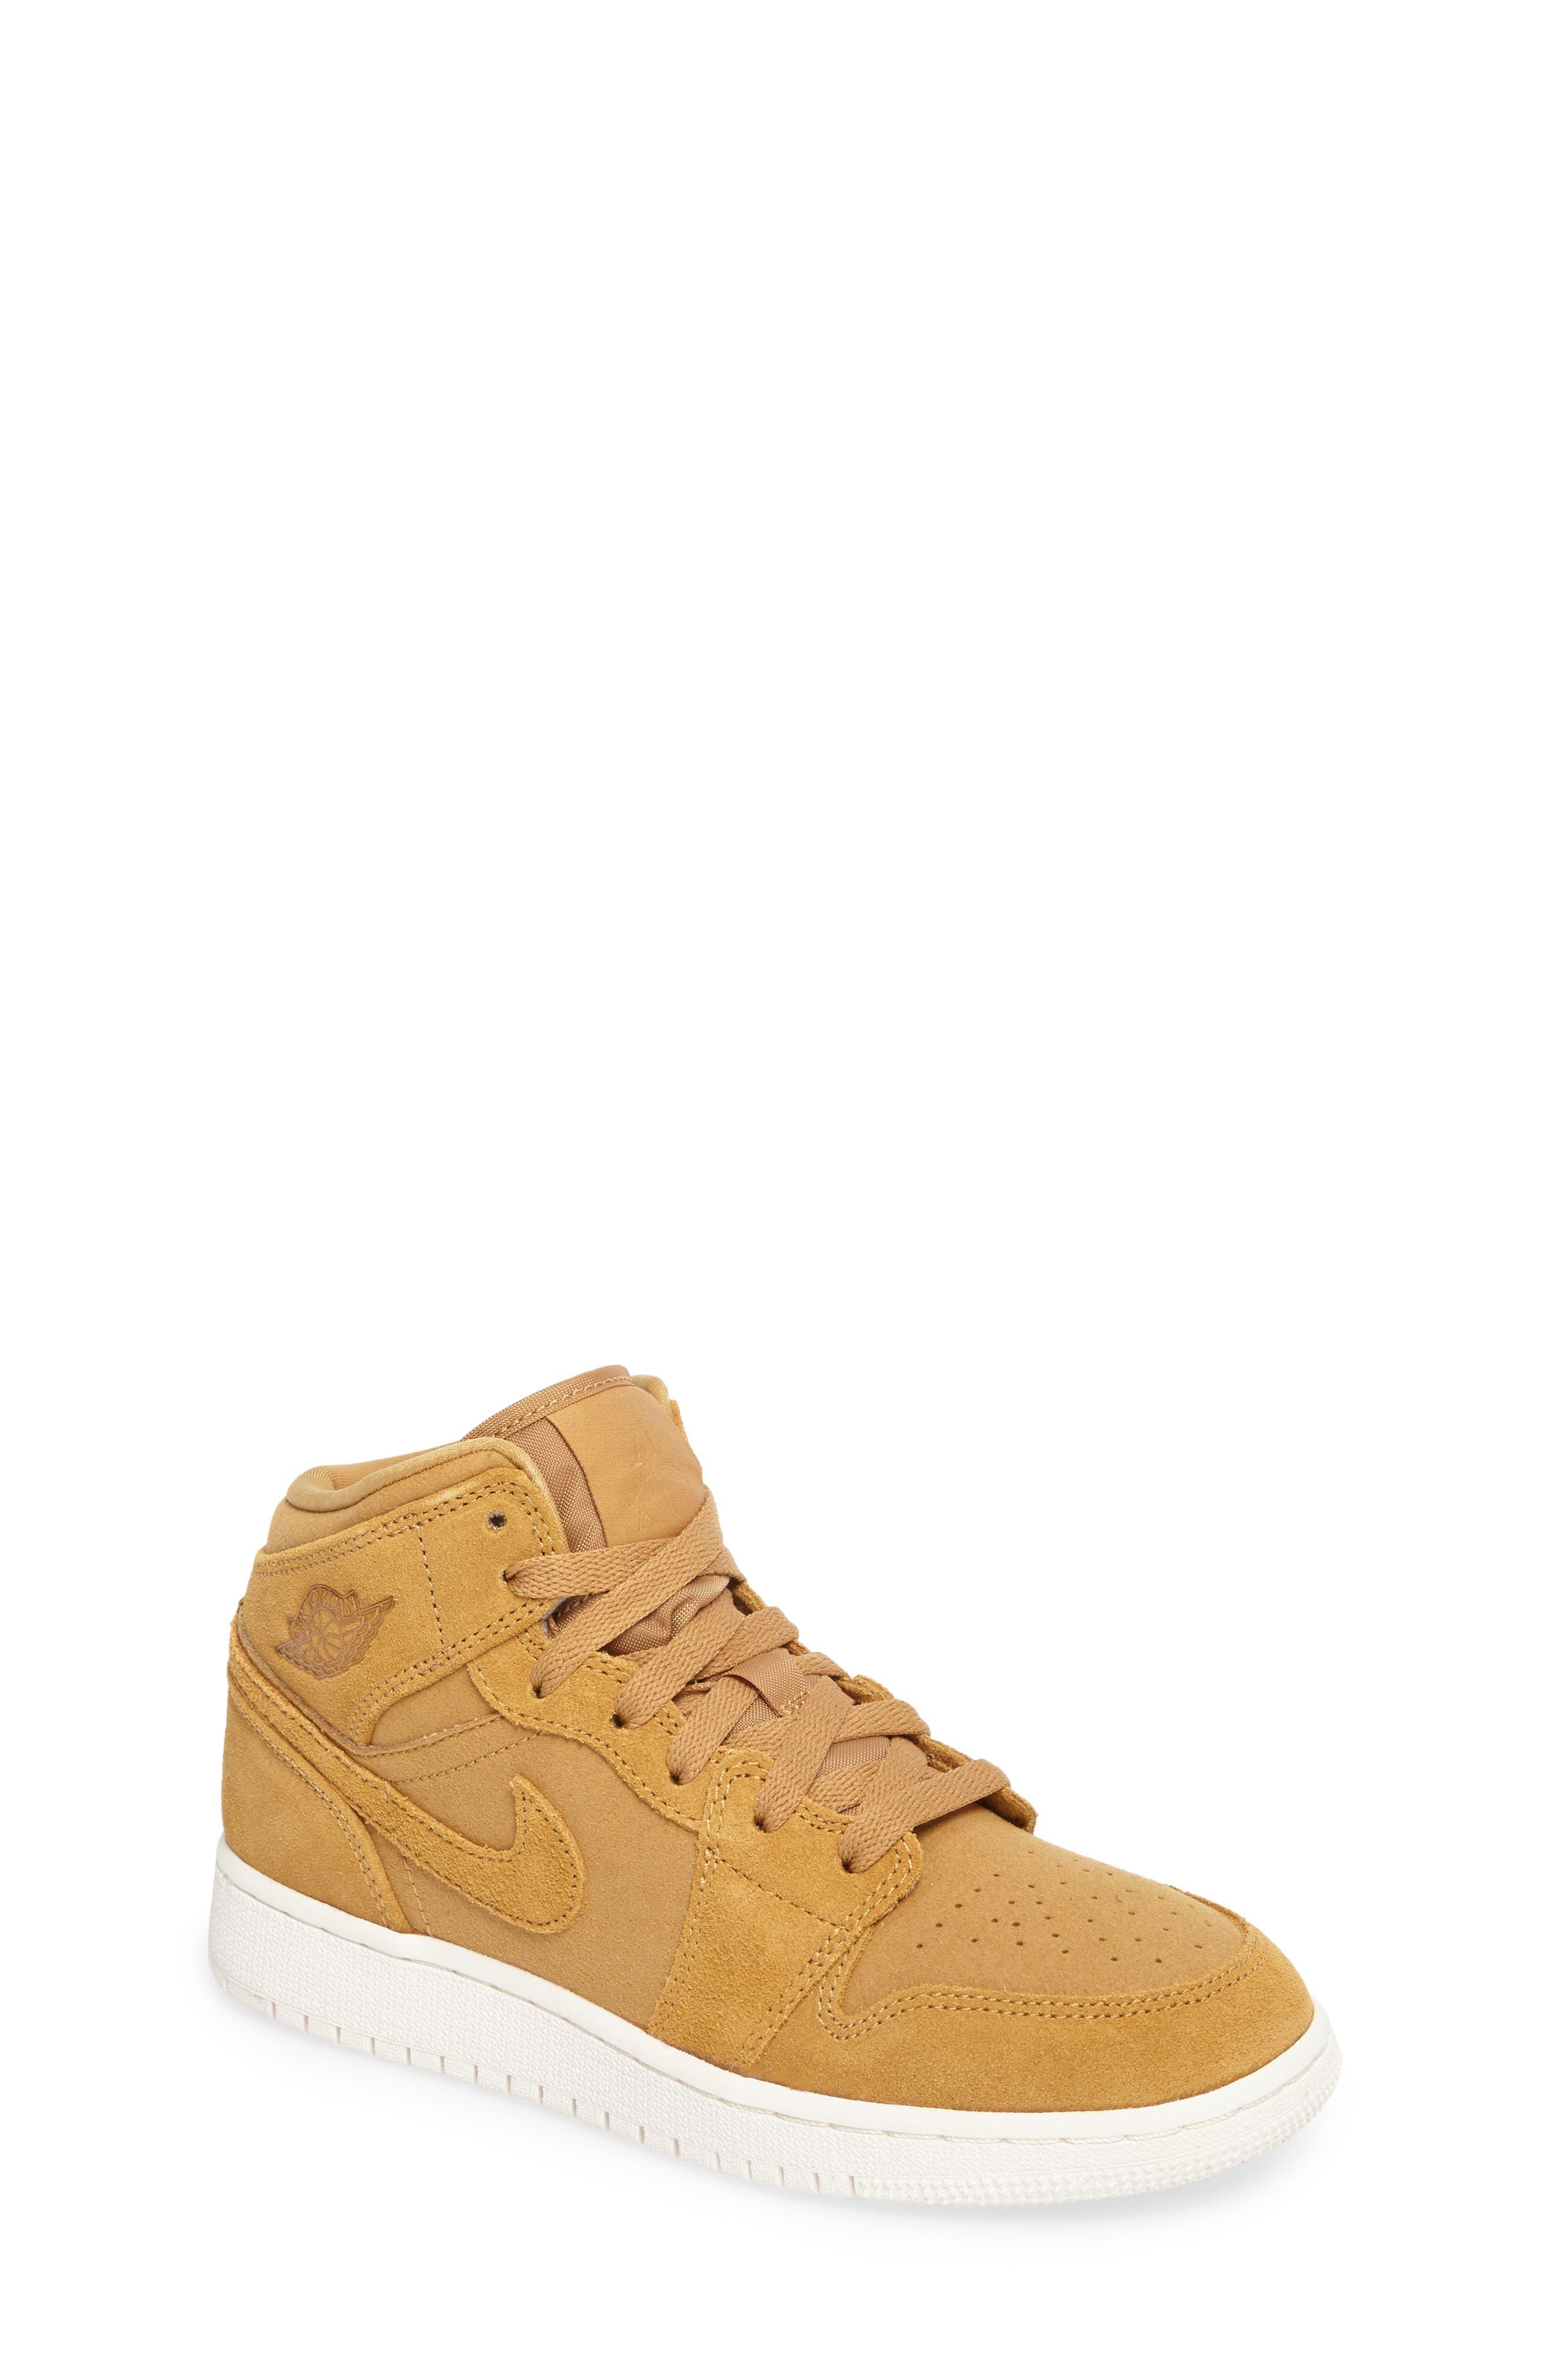 Main Image - Nike 'Air Jordan 1 Mid' Sneaker (Big Kid)